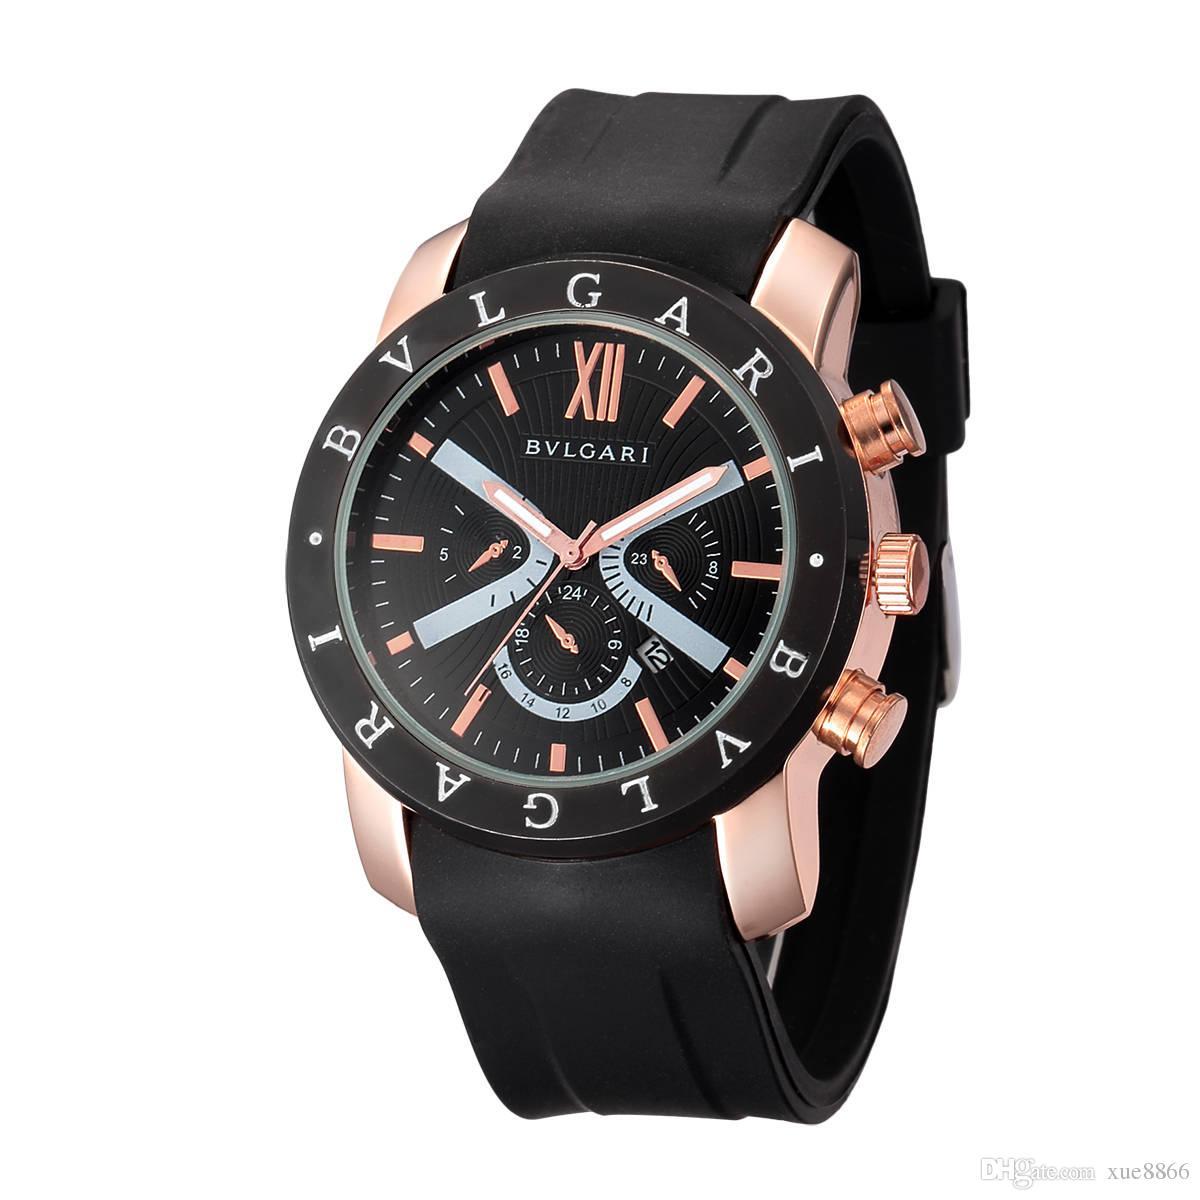 e86c4be8fe0 Compre BV Marca De Luxo Homens   Mulheres Moda Casual Relógio De Pulso  Sílica Gel Strap Movimento De Quartzo Melhor Relógio Presente Relógio Dw  Qualidade ...